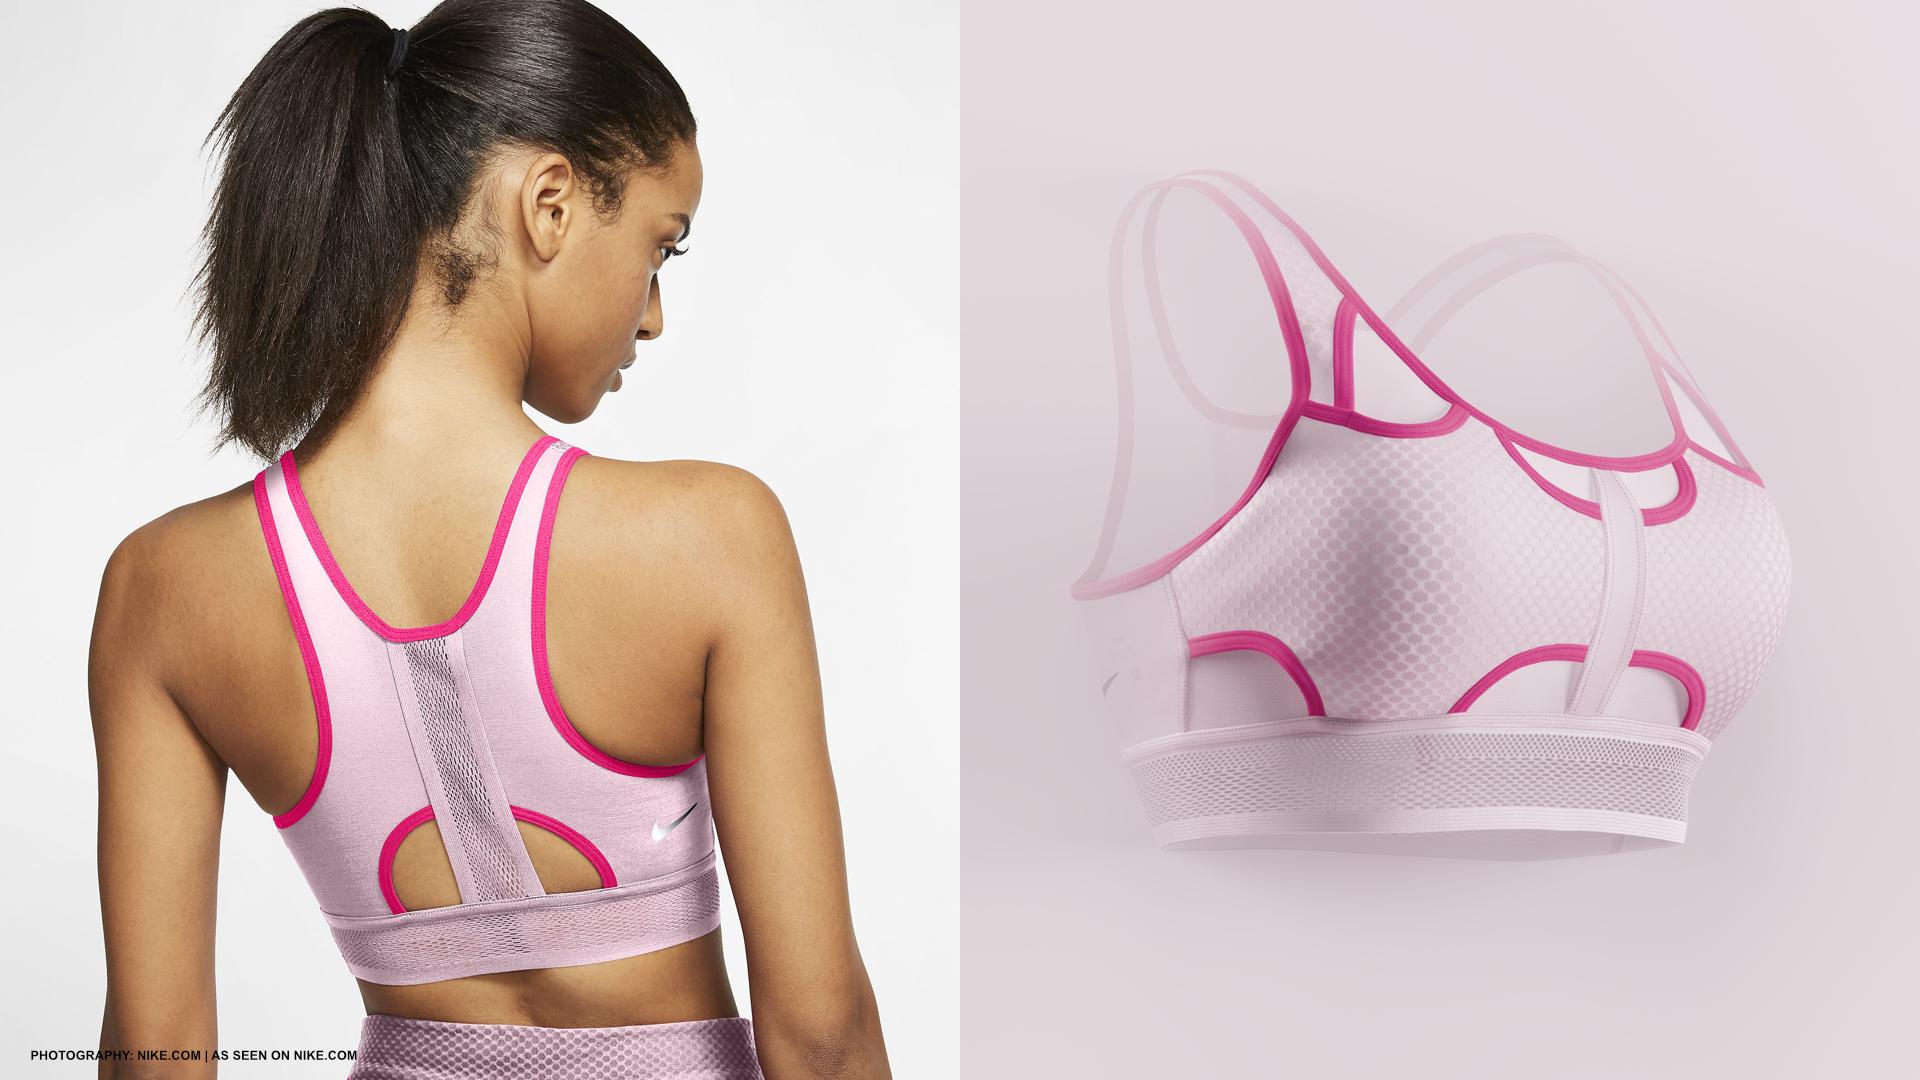 Nike_Ultrabreathe_Bra_Swoosh_Front_2K